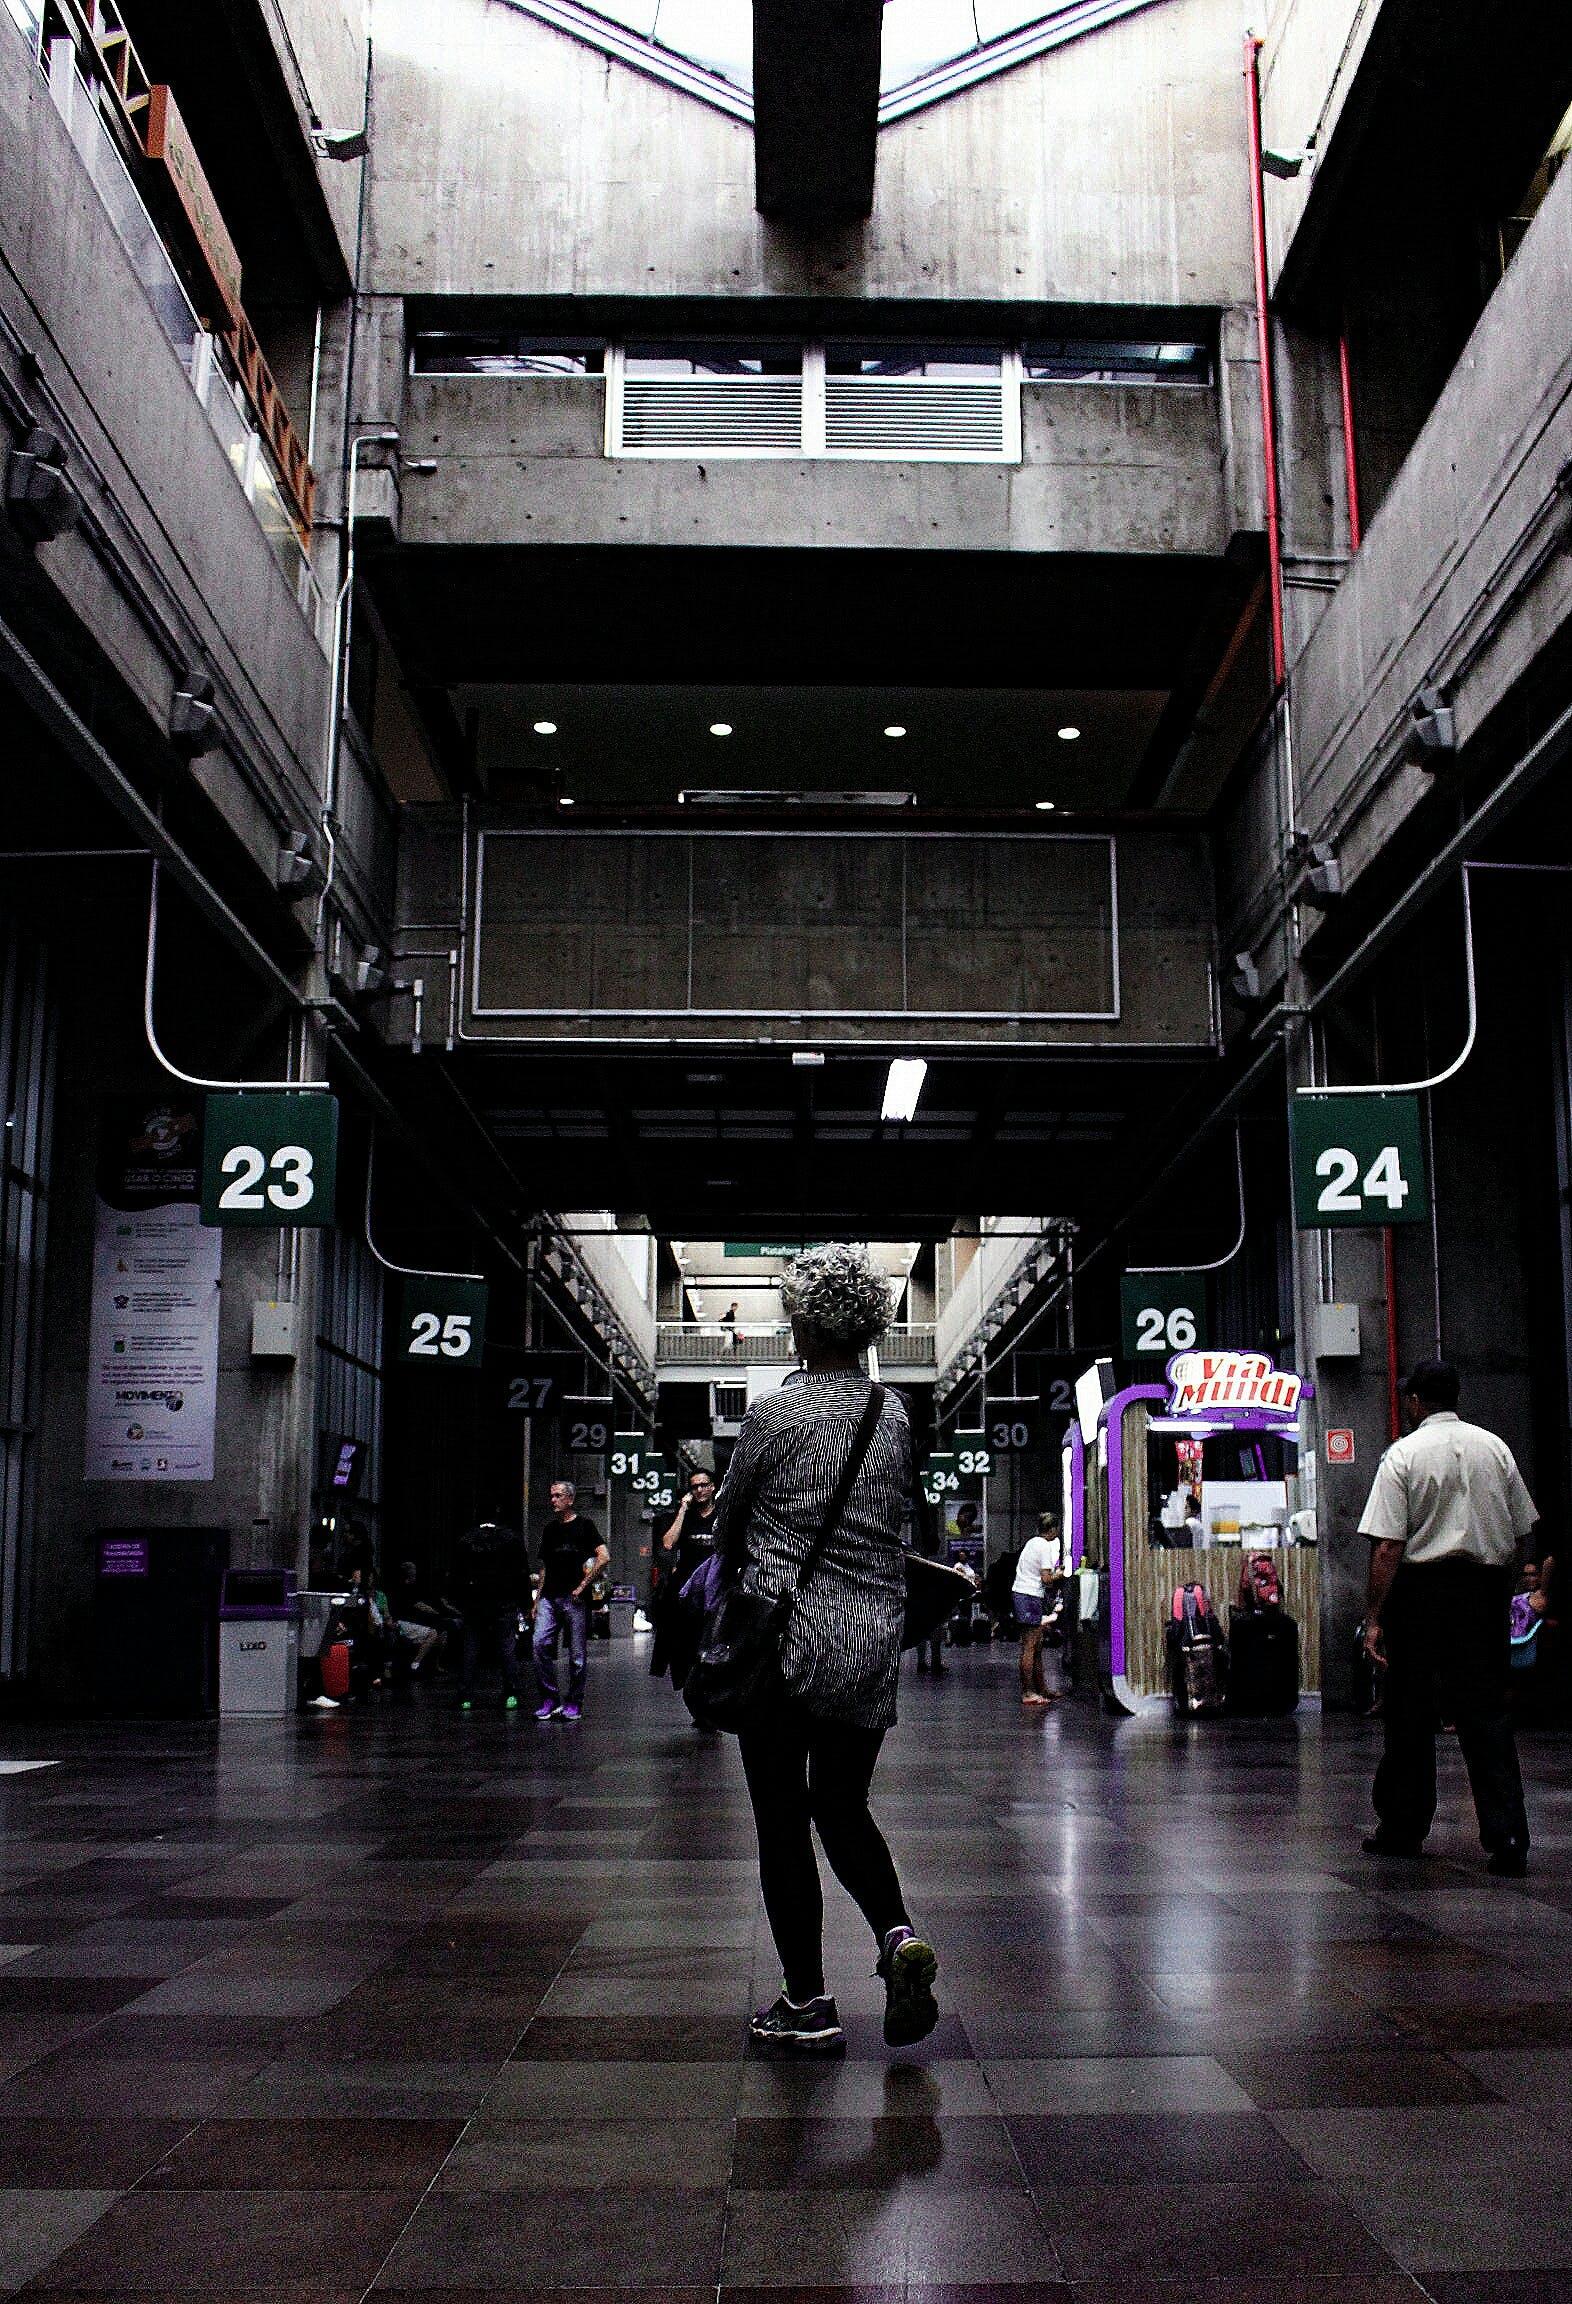 Free stock photo of #urbano #sãopaulo #sp